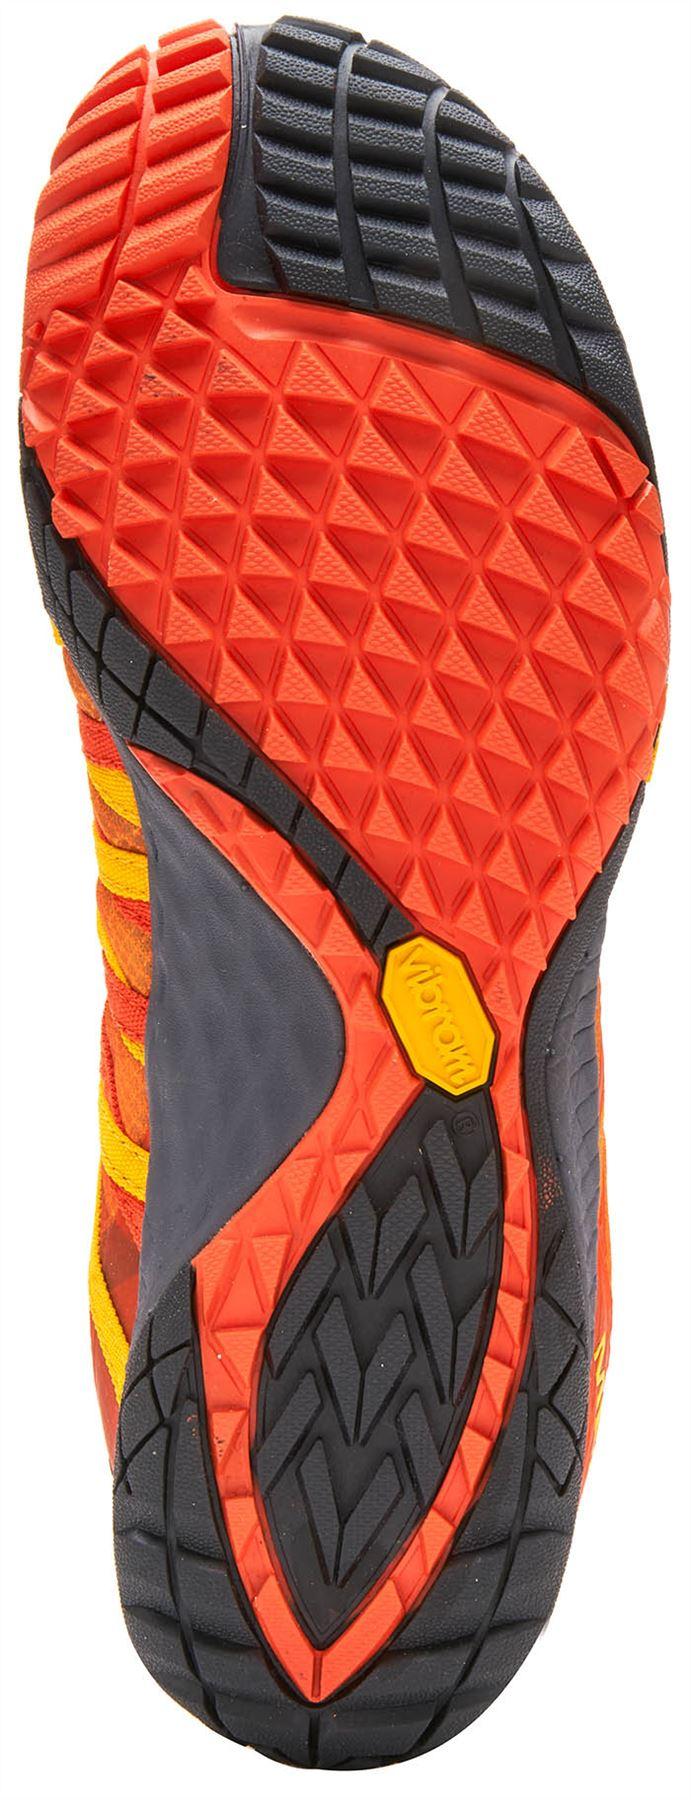 Merrell-Trail-Glove-4-entrenadores-en-Nautica-y-deporte-Azul-Molten-Lava-Rojo-Y-Naranja miniatura 13